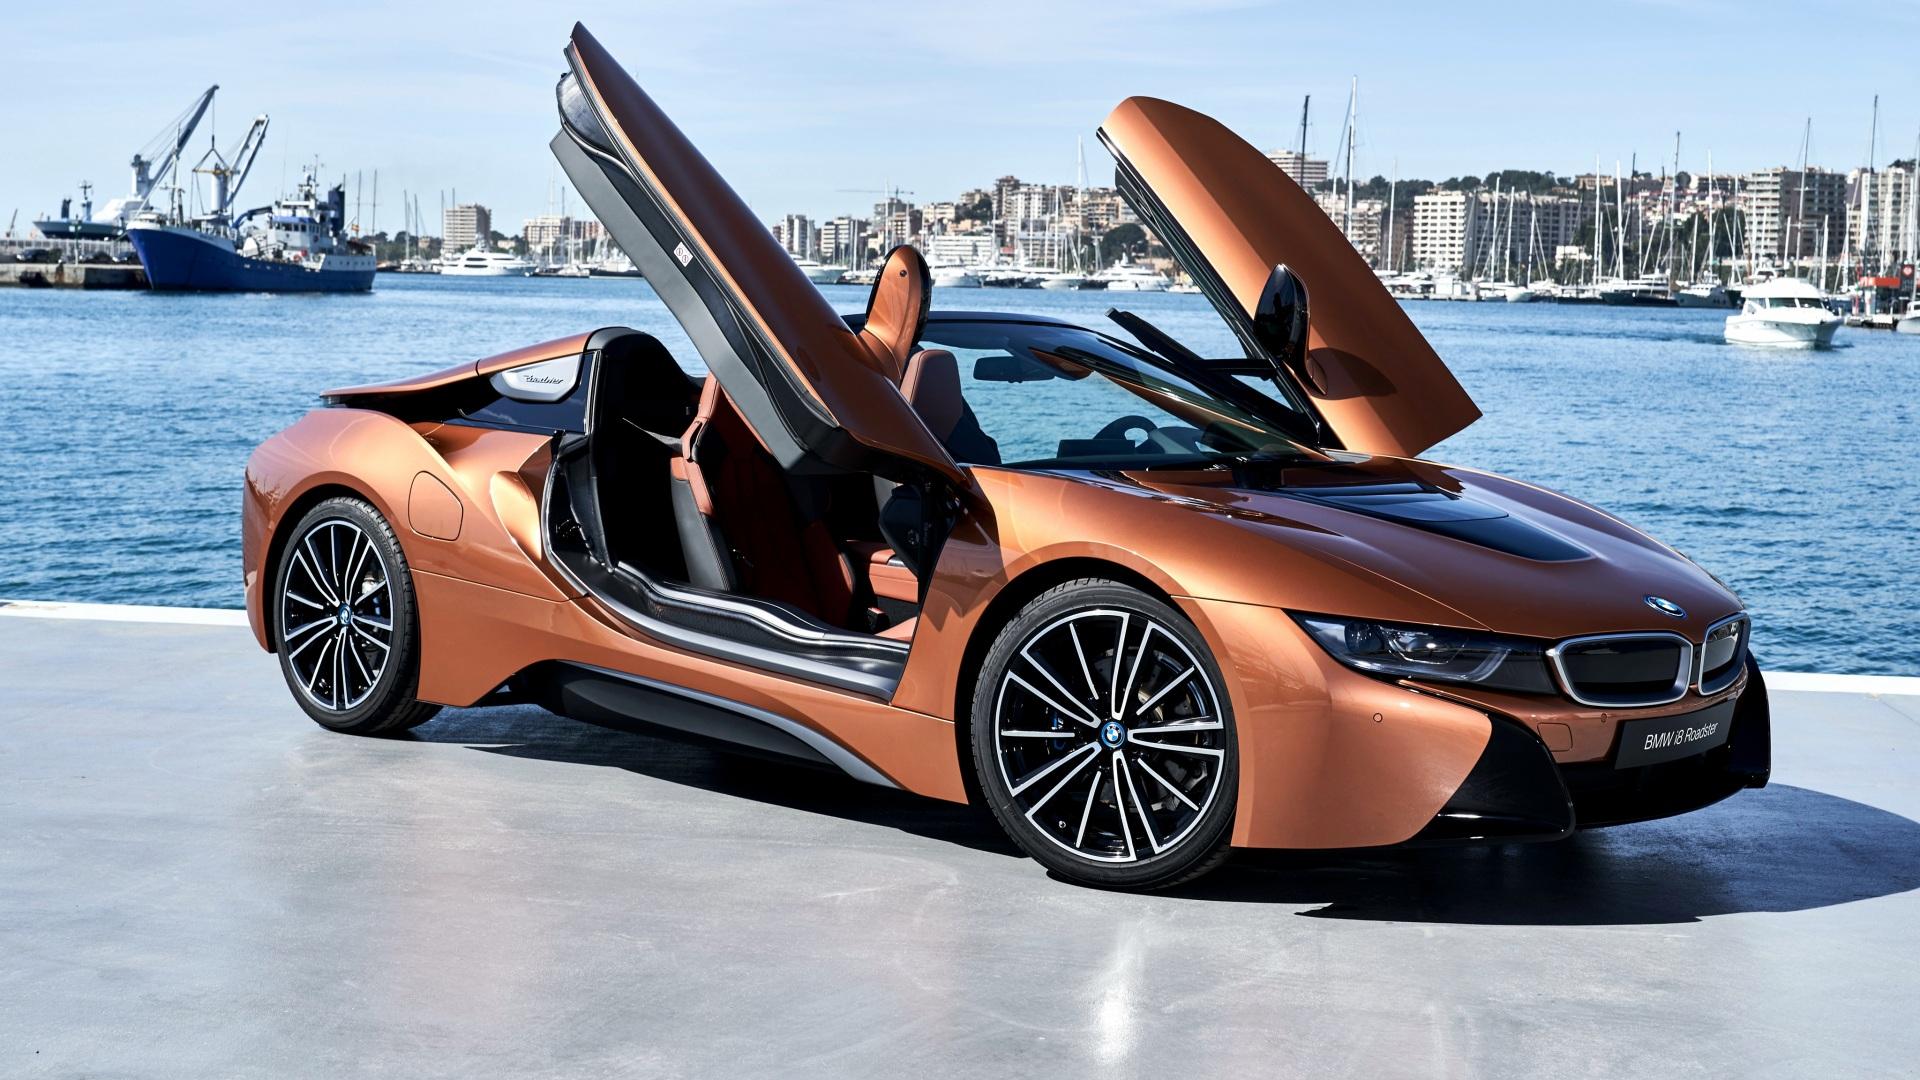 Фотография BMW 2018 i8 Родстер машина 1920x1080 БМВ авто машины автомобиль Автомобили